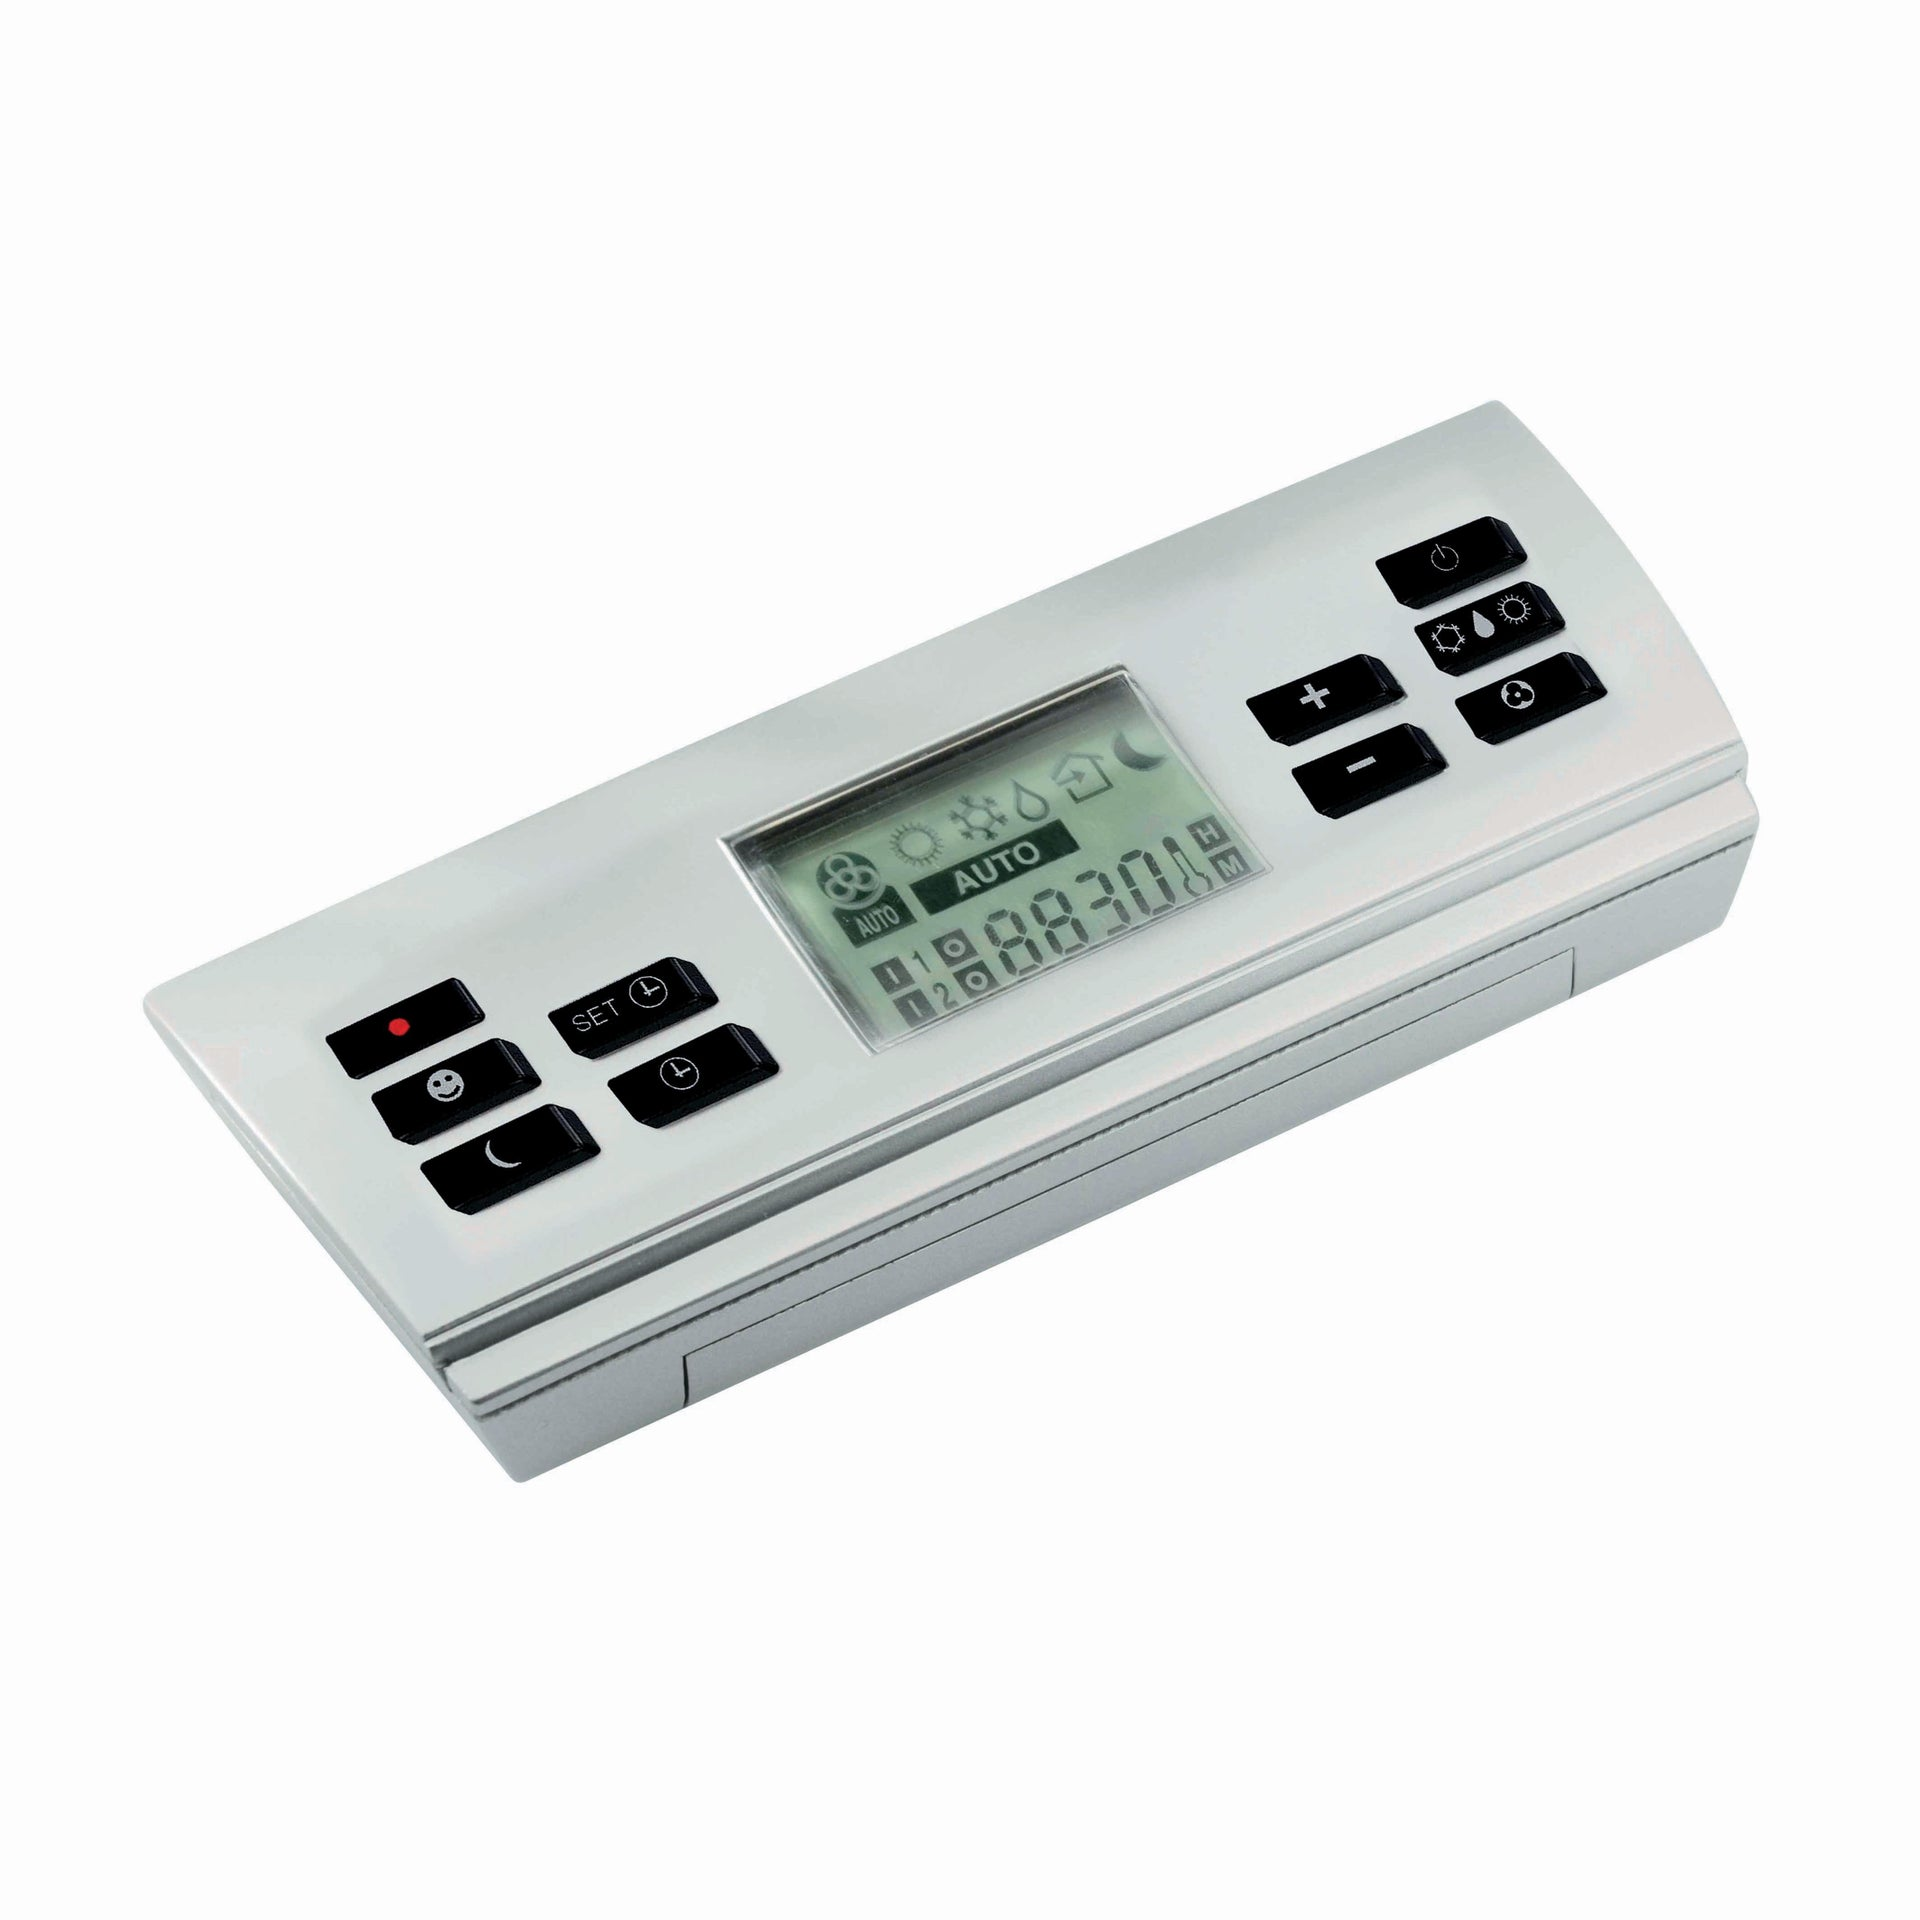 Climatizzatore a cassetta Monoblocco OLIMPIA SPLENDID 6824 - 3